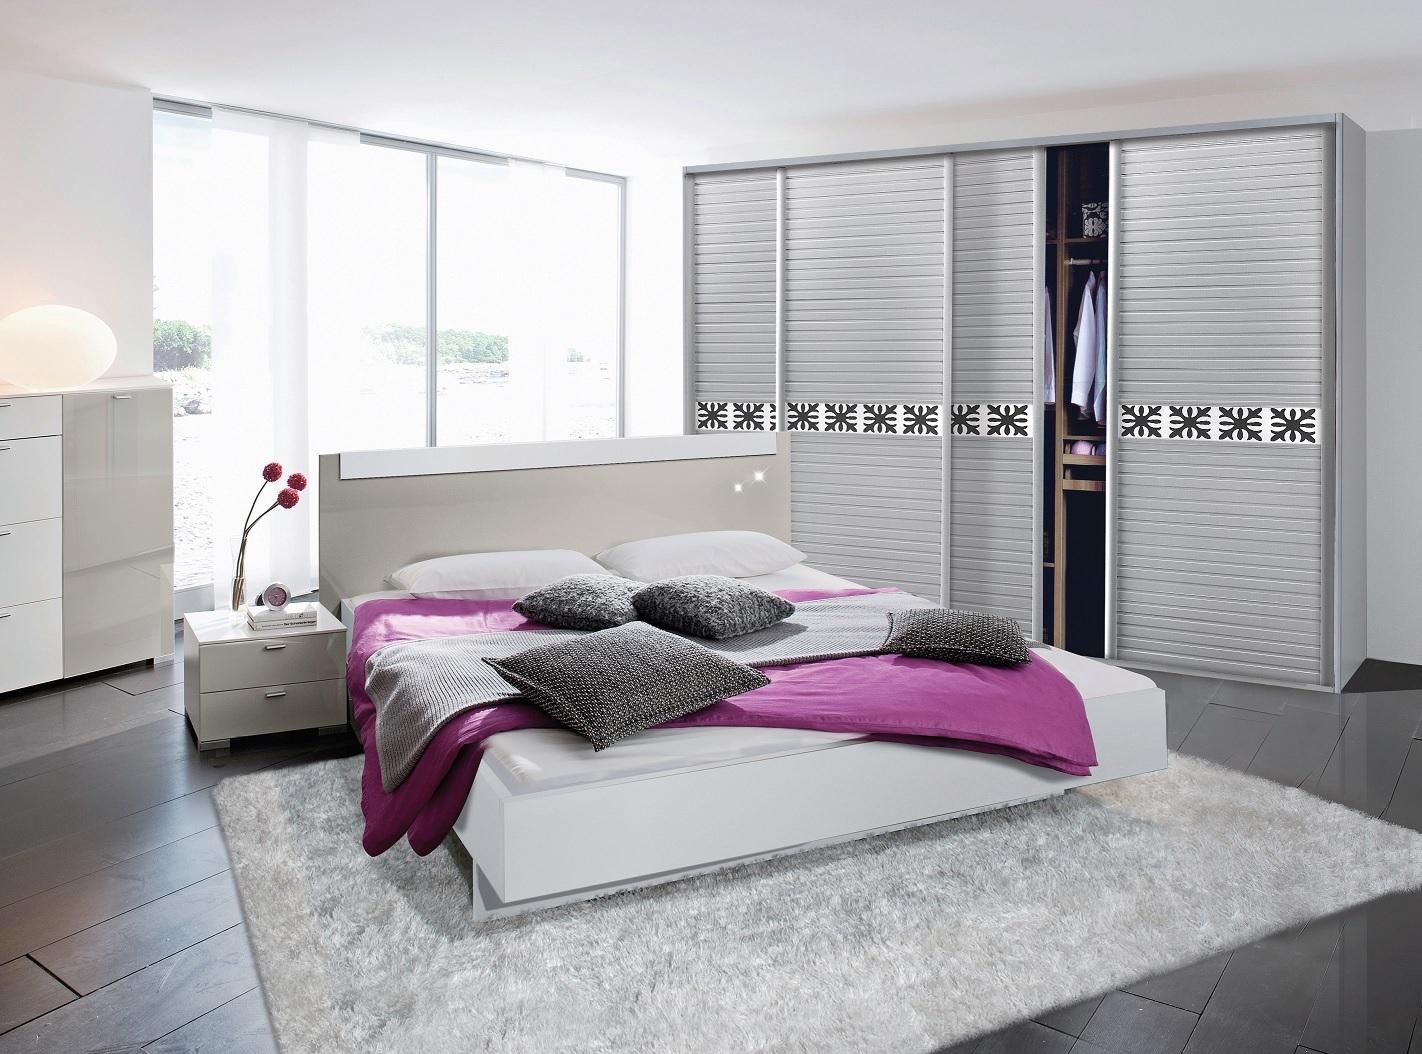 הדמיית חדר שינה עם ארון הזזה חצי פתוח